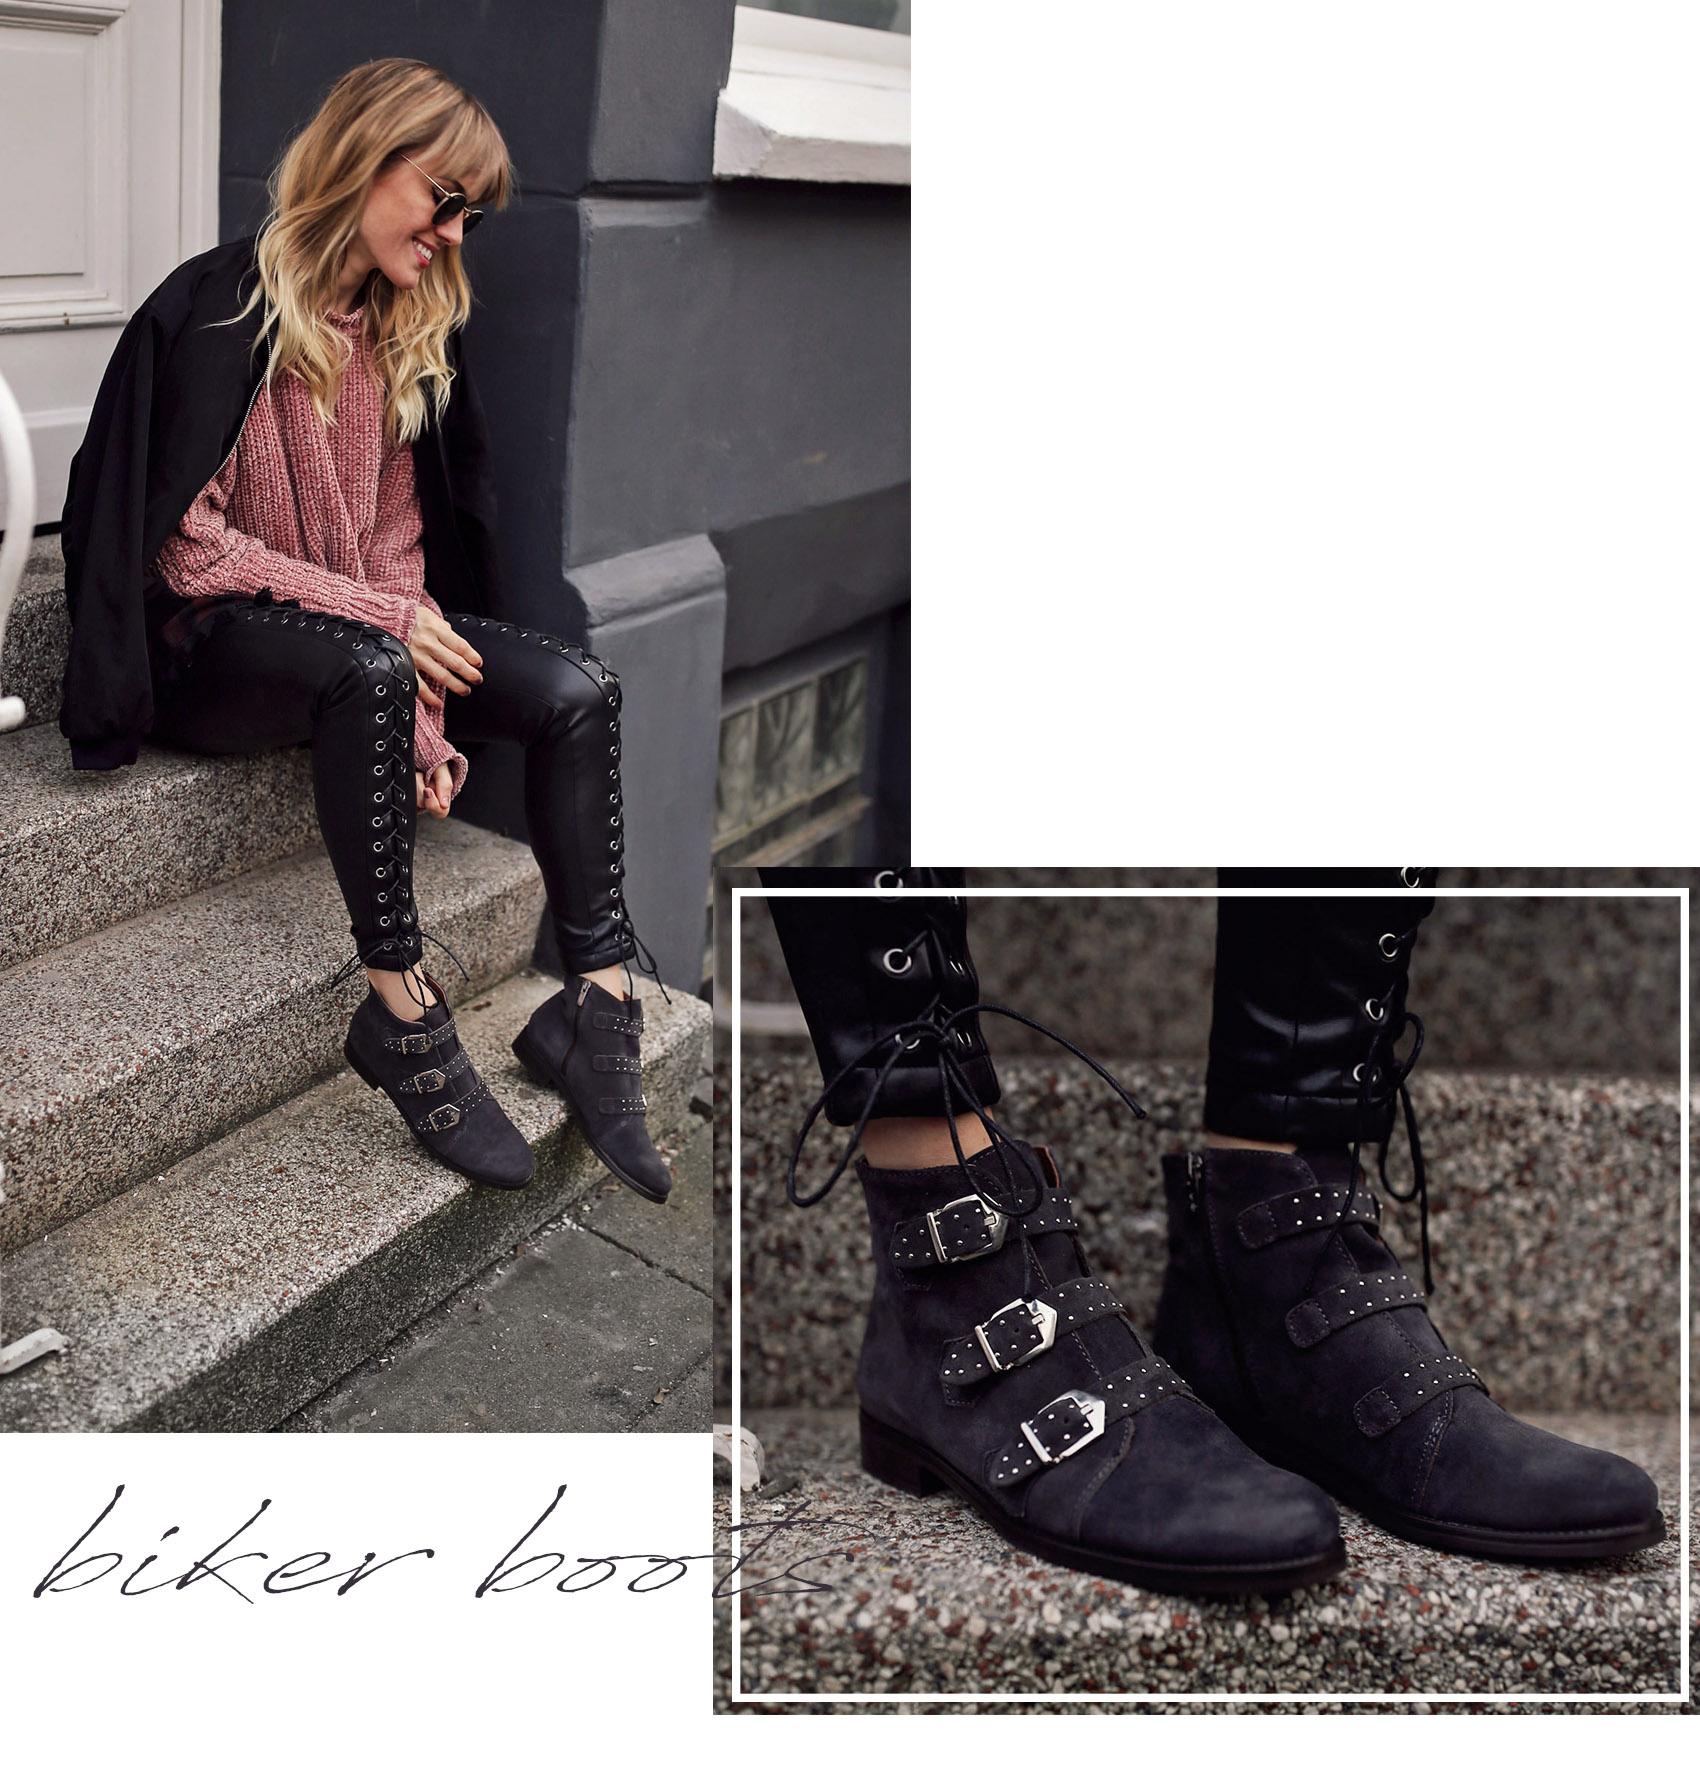 schuhe, sneaker, samt, velvet, jeans, plateau, biker boots, schnallenboots, nietenboots